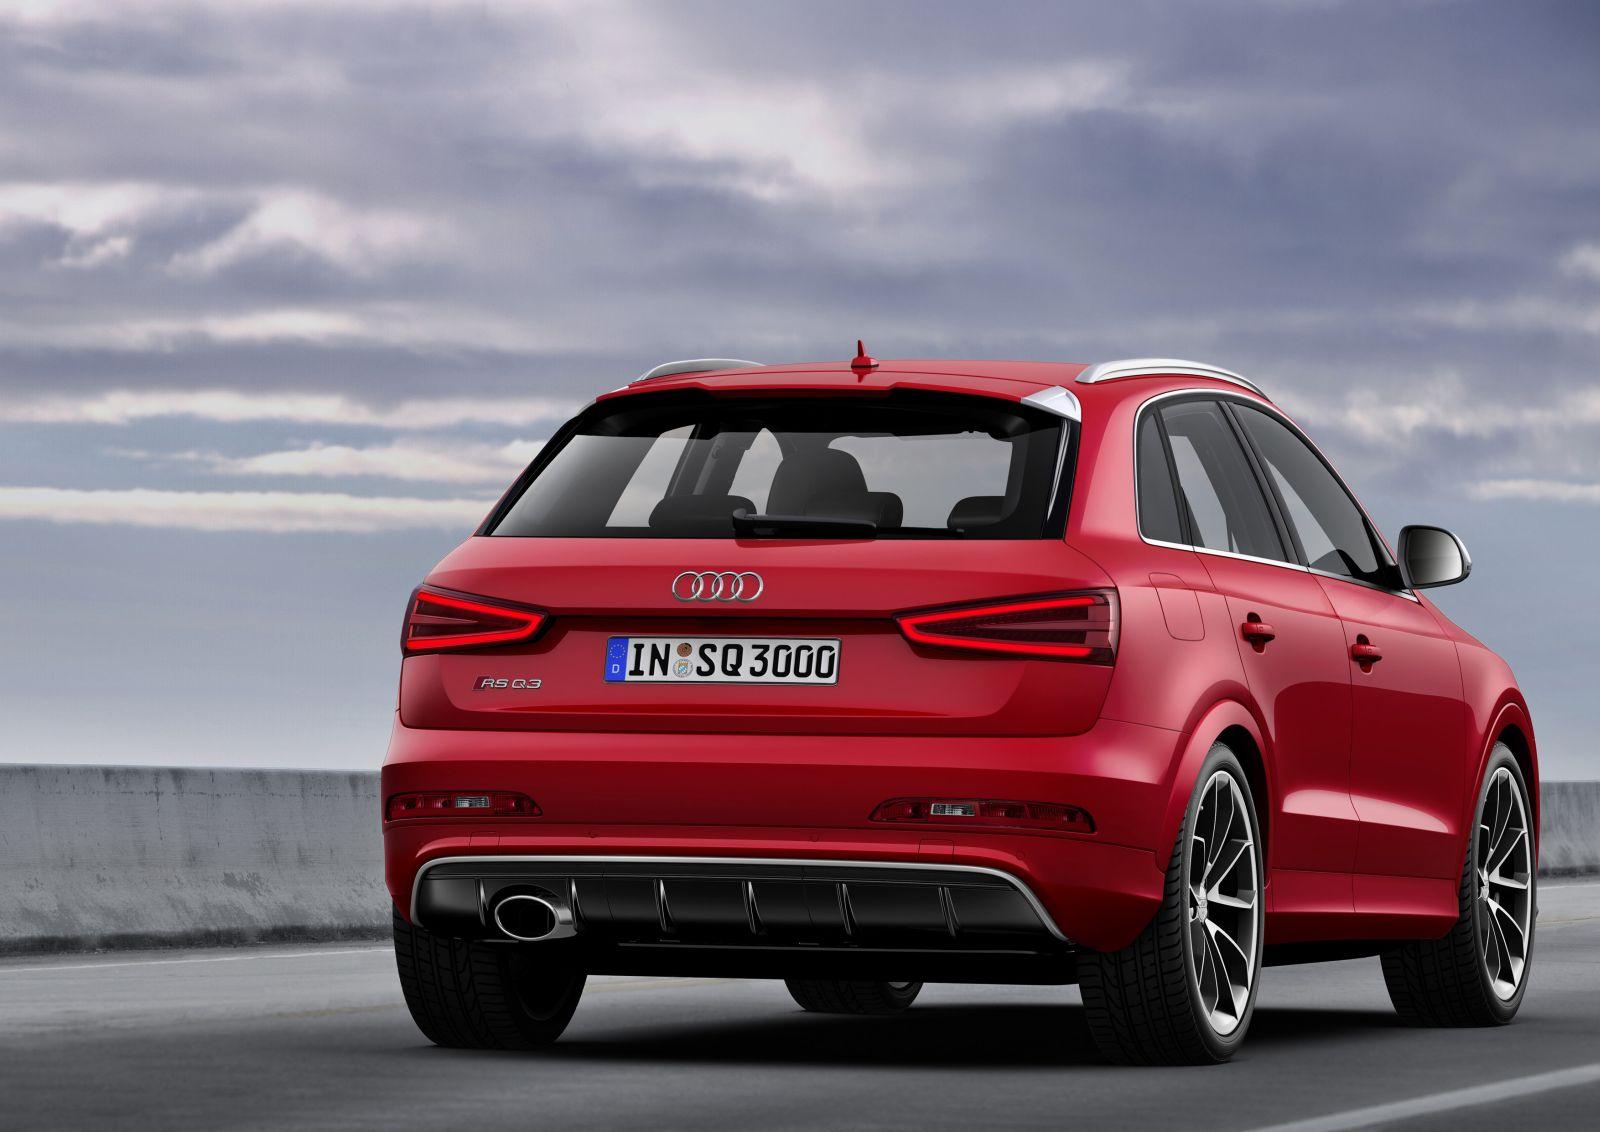 Audi rs3 hatchback 2013